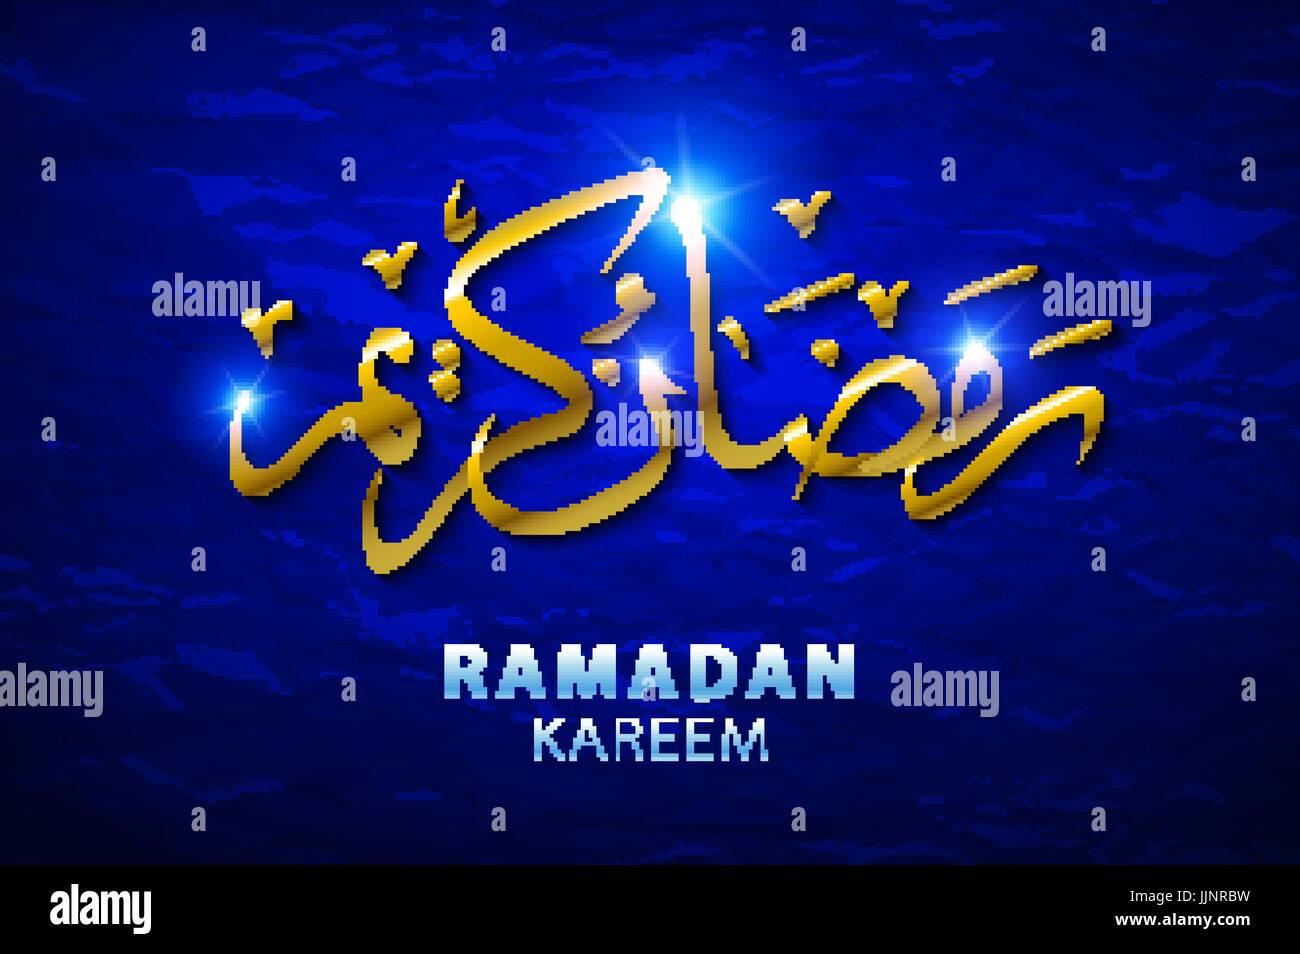 Ramadan Greetings In Arabic Script An Islamic Greeting Card For